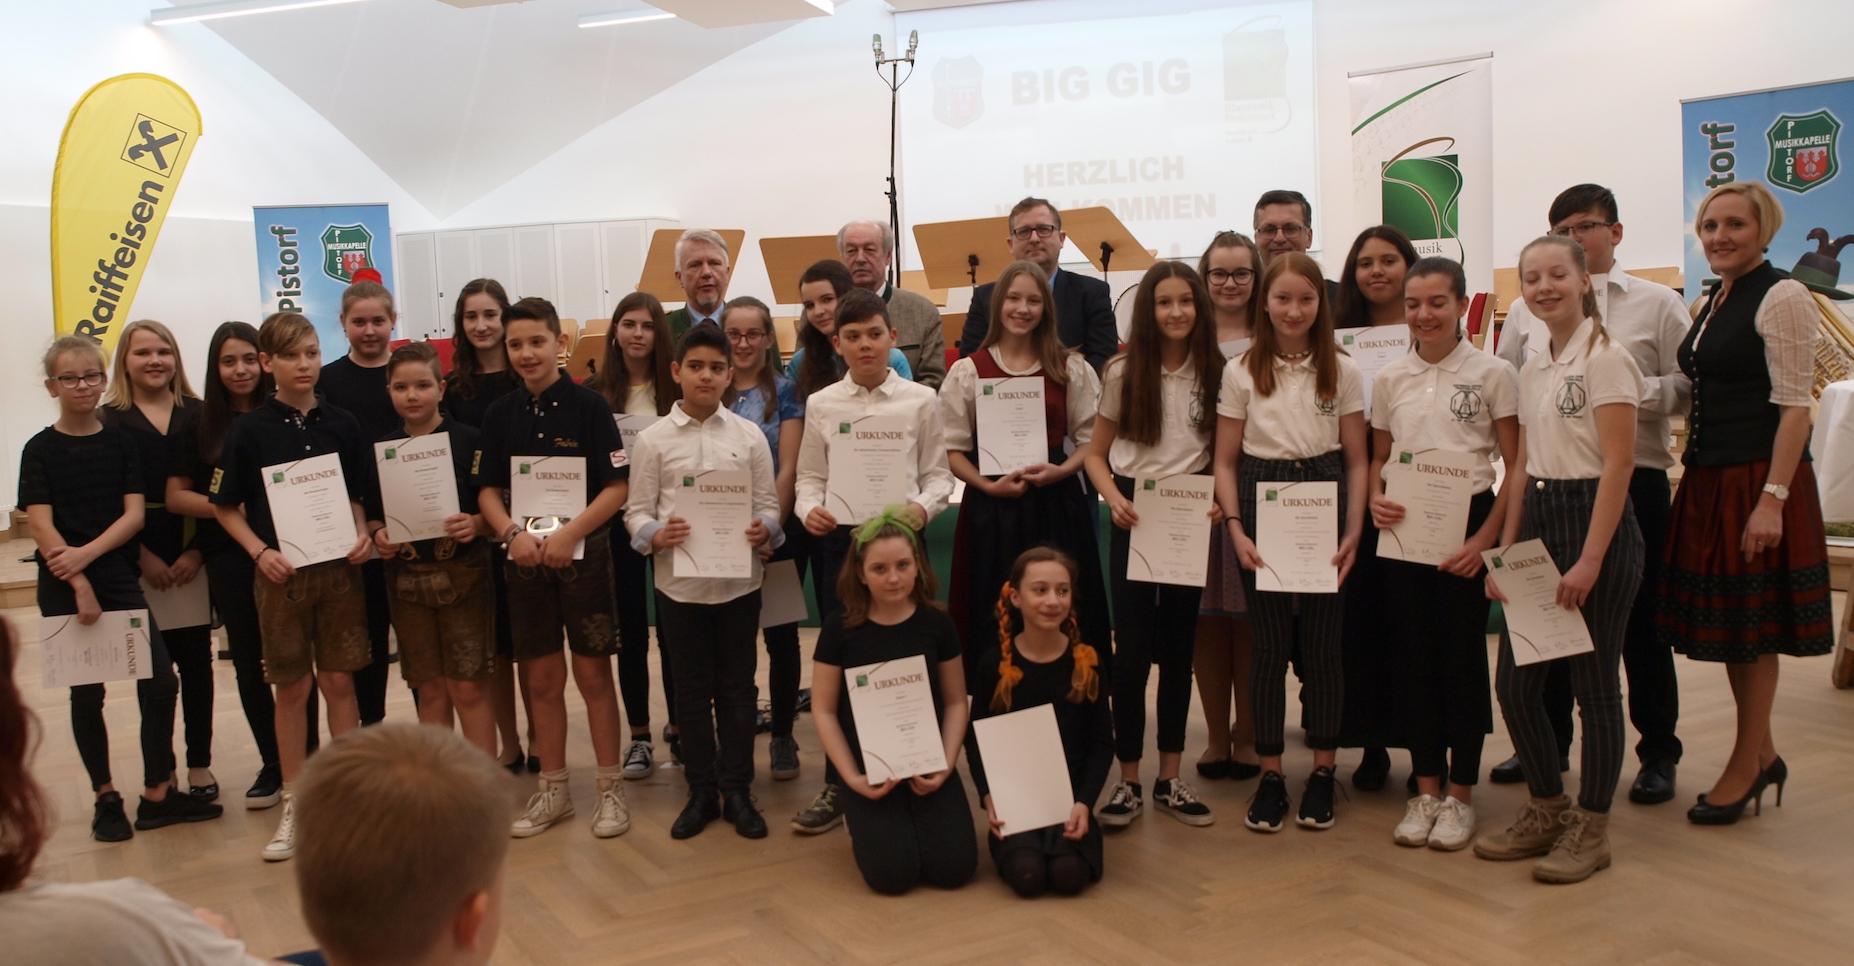 BIG GIG Bezirkswettbewerb 2o2o